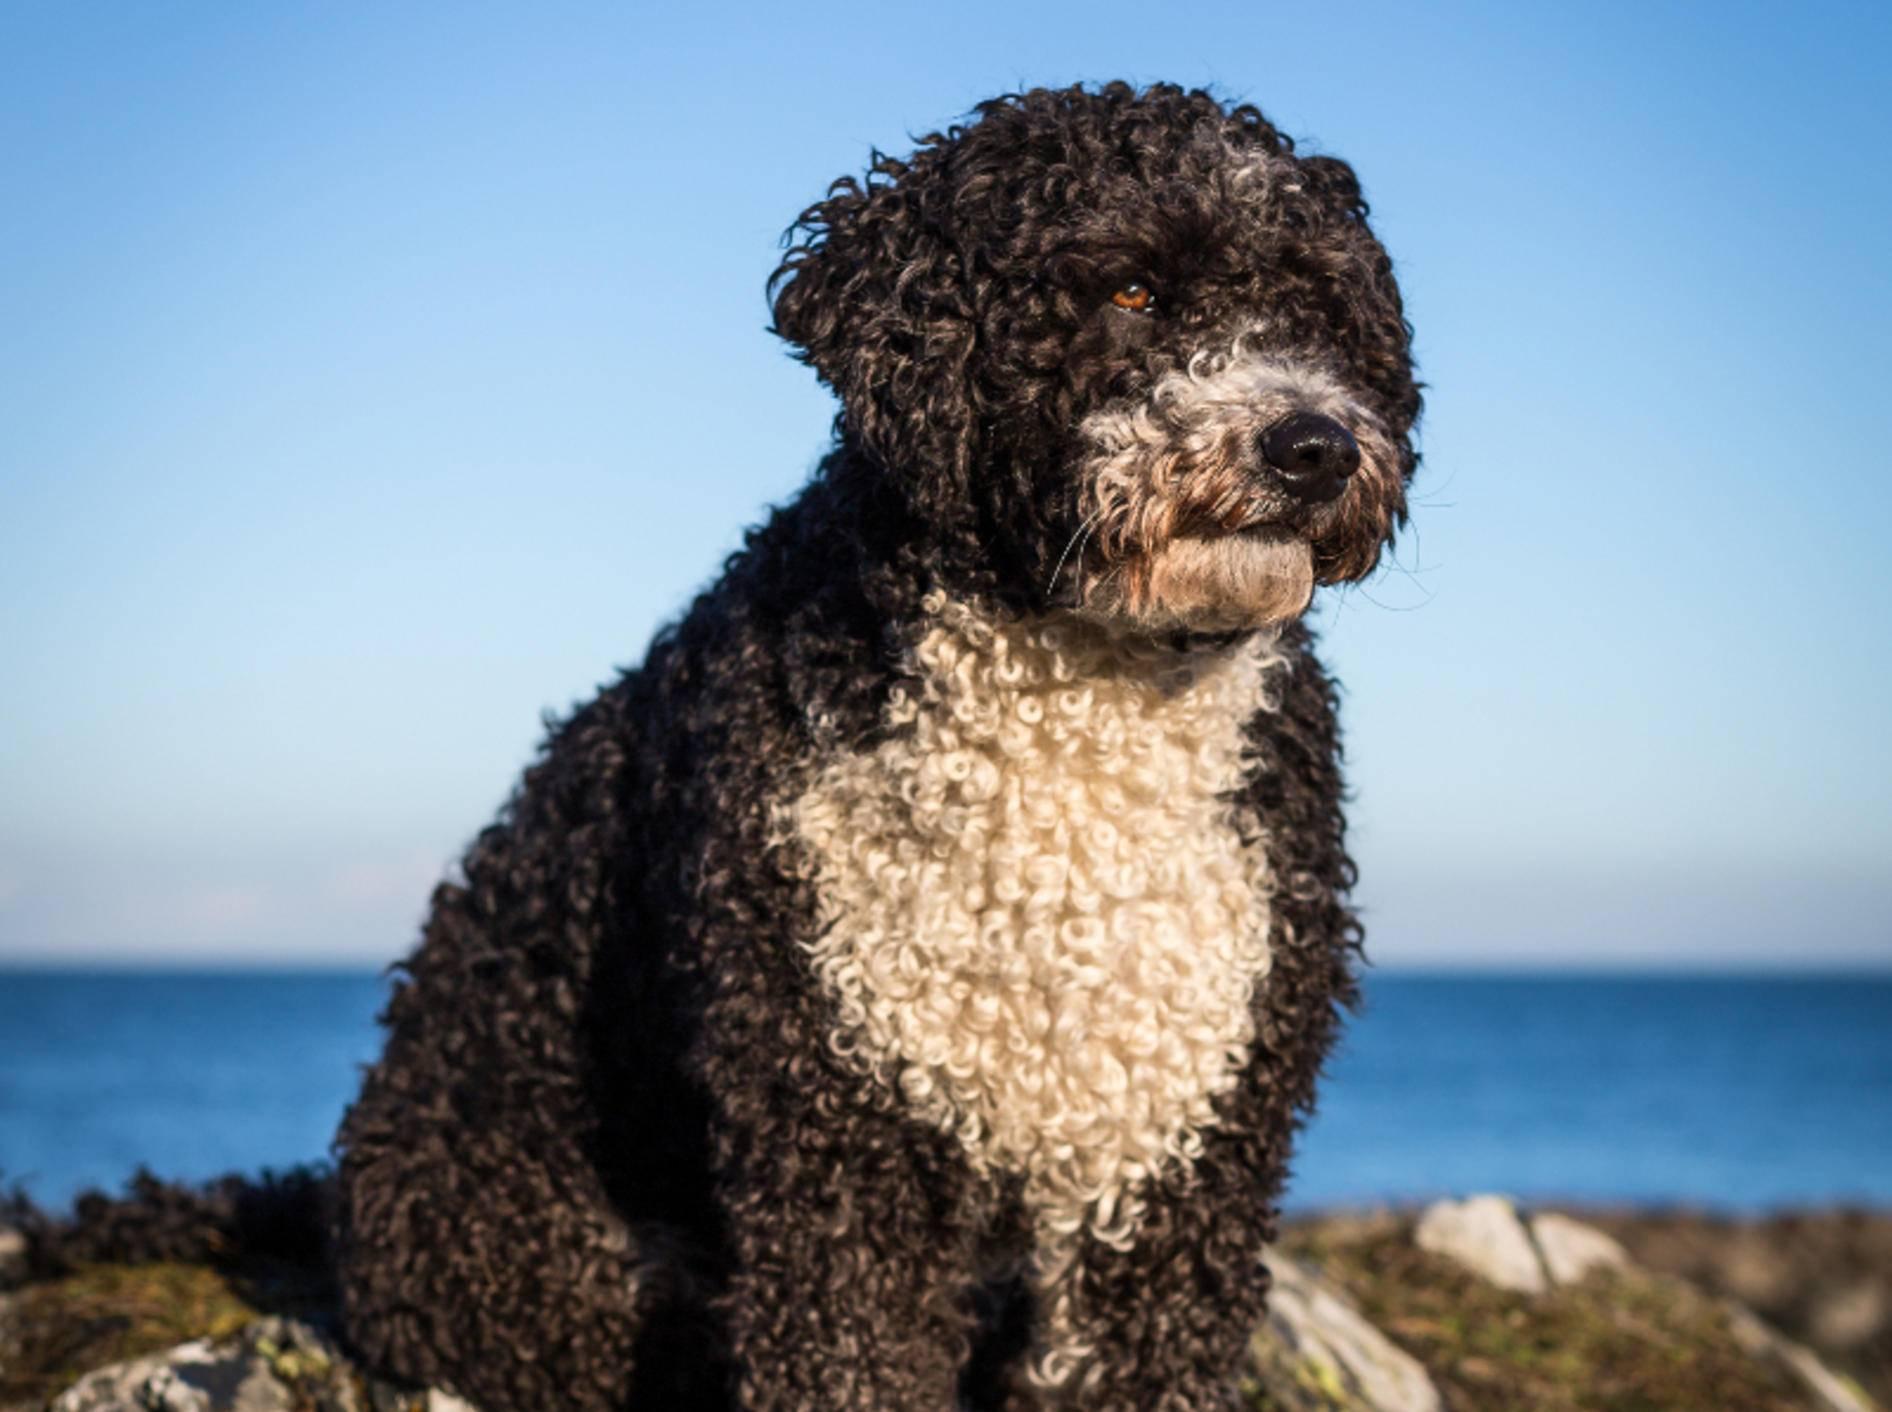 Der Spanische Wasserhund hat ein schönes, lockiges und wasserabweisendes Fell – Bild: Shutterstock / Daz Brown Photography